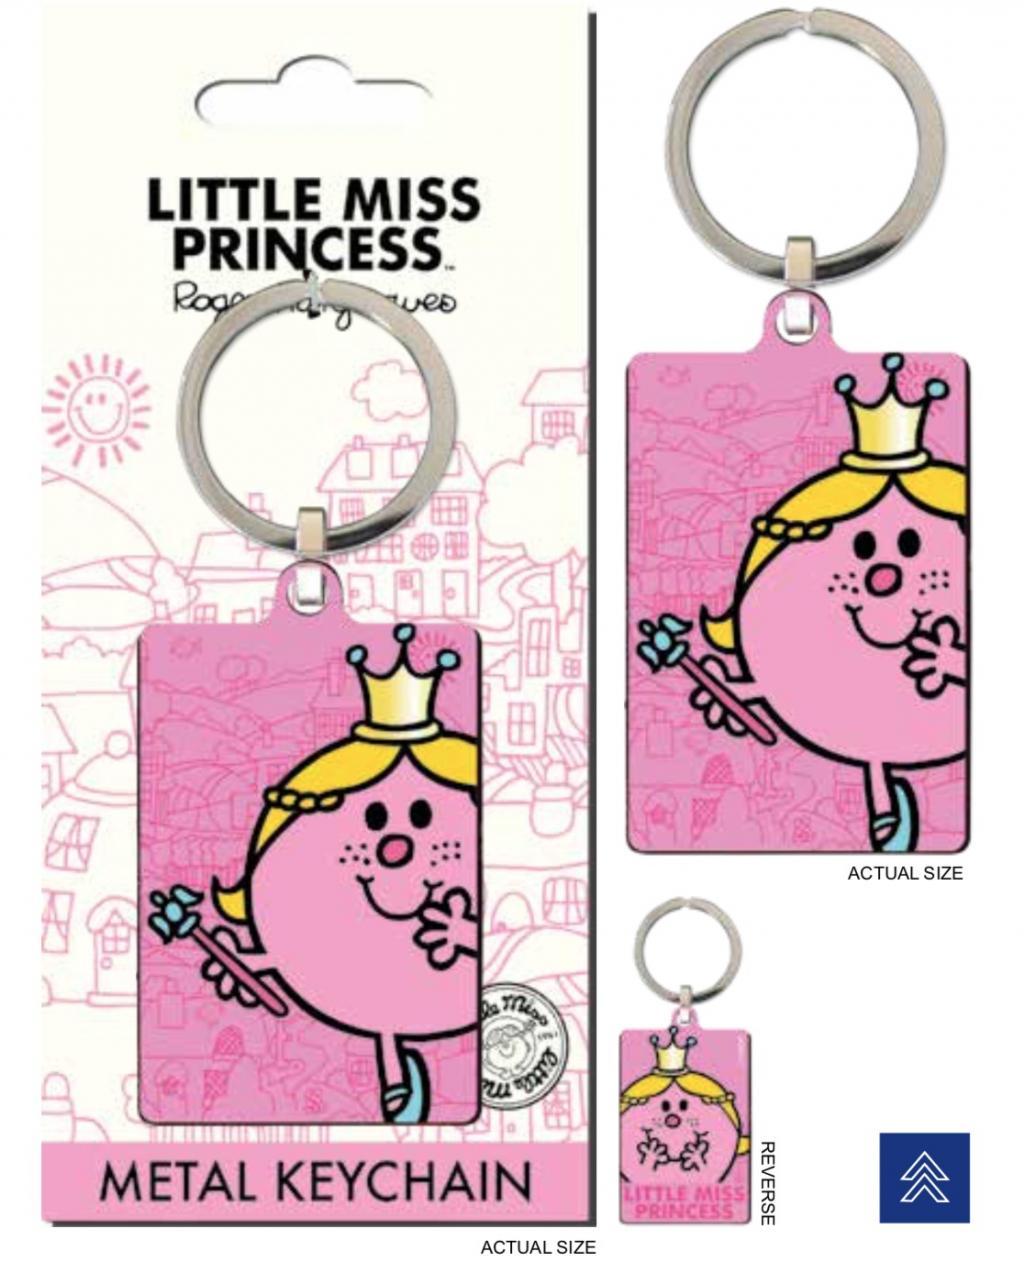 MR. MEN LITTLE MISS - Porte-Cles Metal - Little Miss Princess